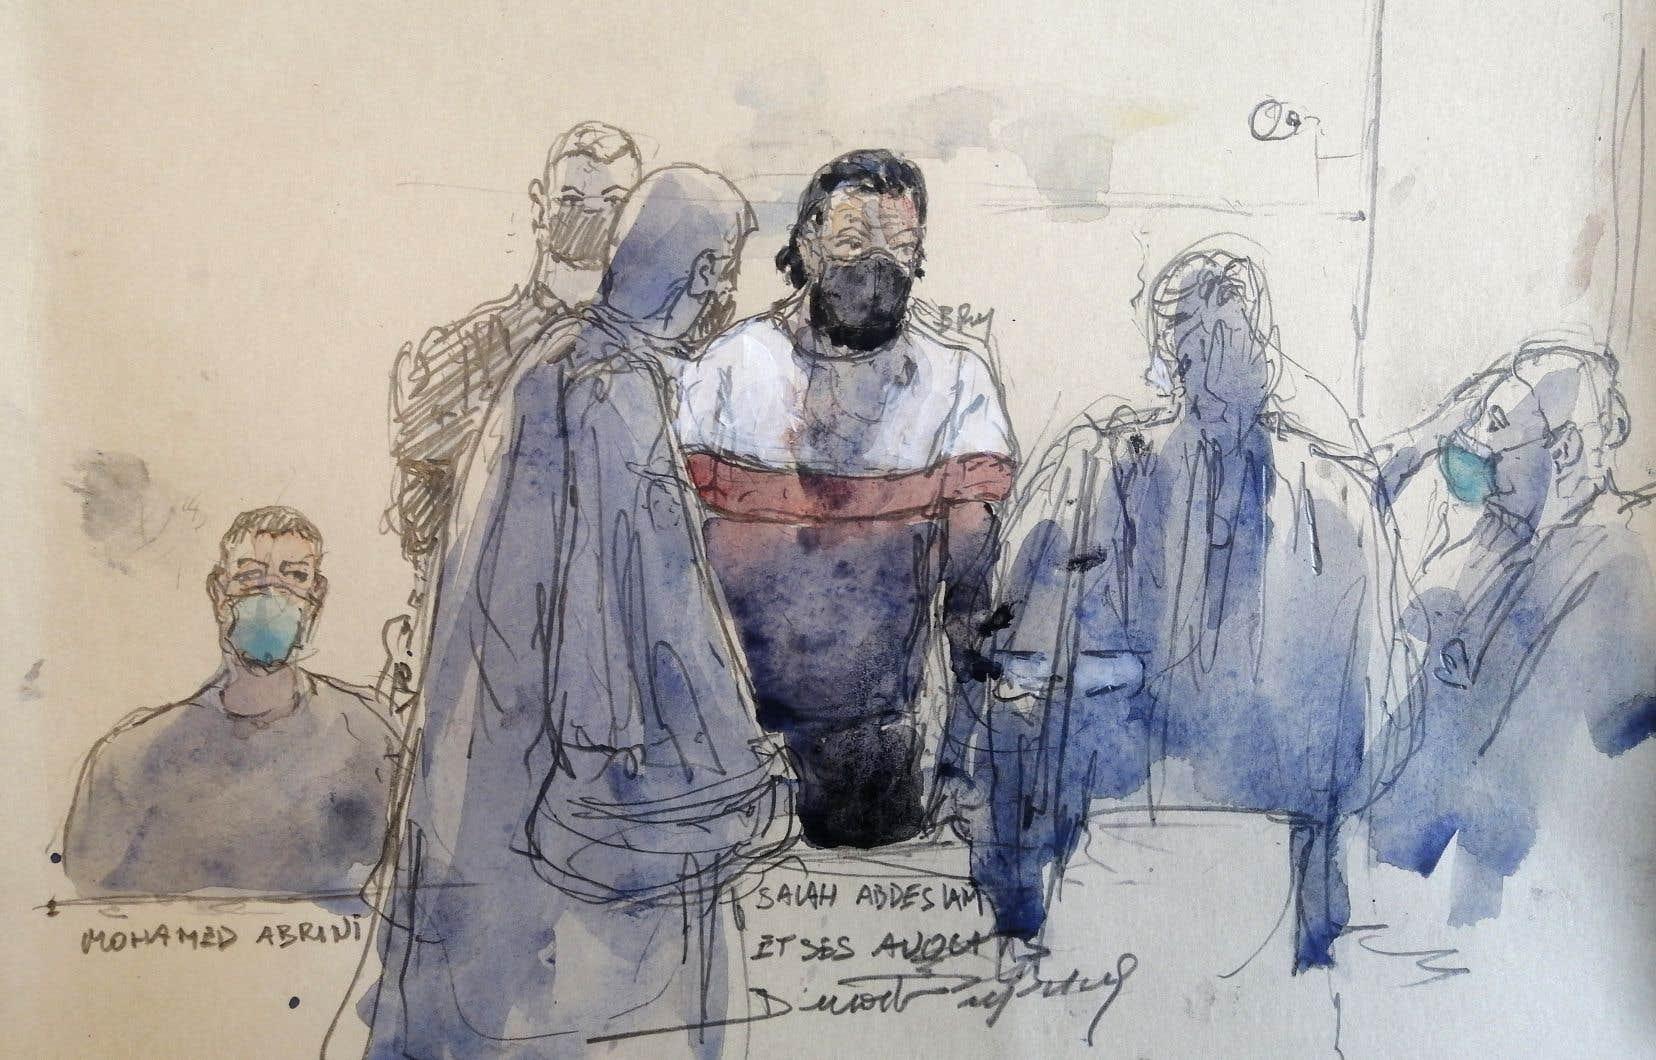 Croquis réalisé lors du 2e jour du procès des attentats de Paris de novembre 2015 et montrant le principal suspect, Salah Abdeslam (au centre), ainsi que son coaccusé Mohamed Abrini (à gauche)